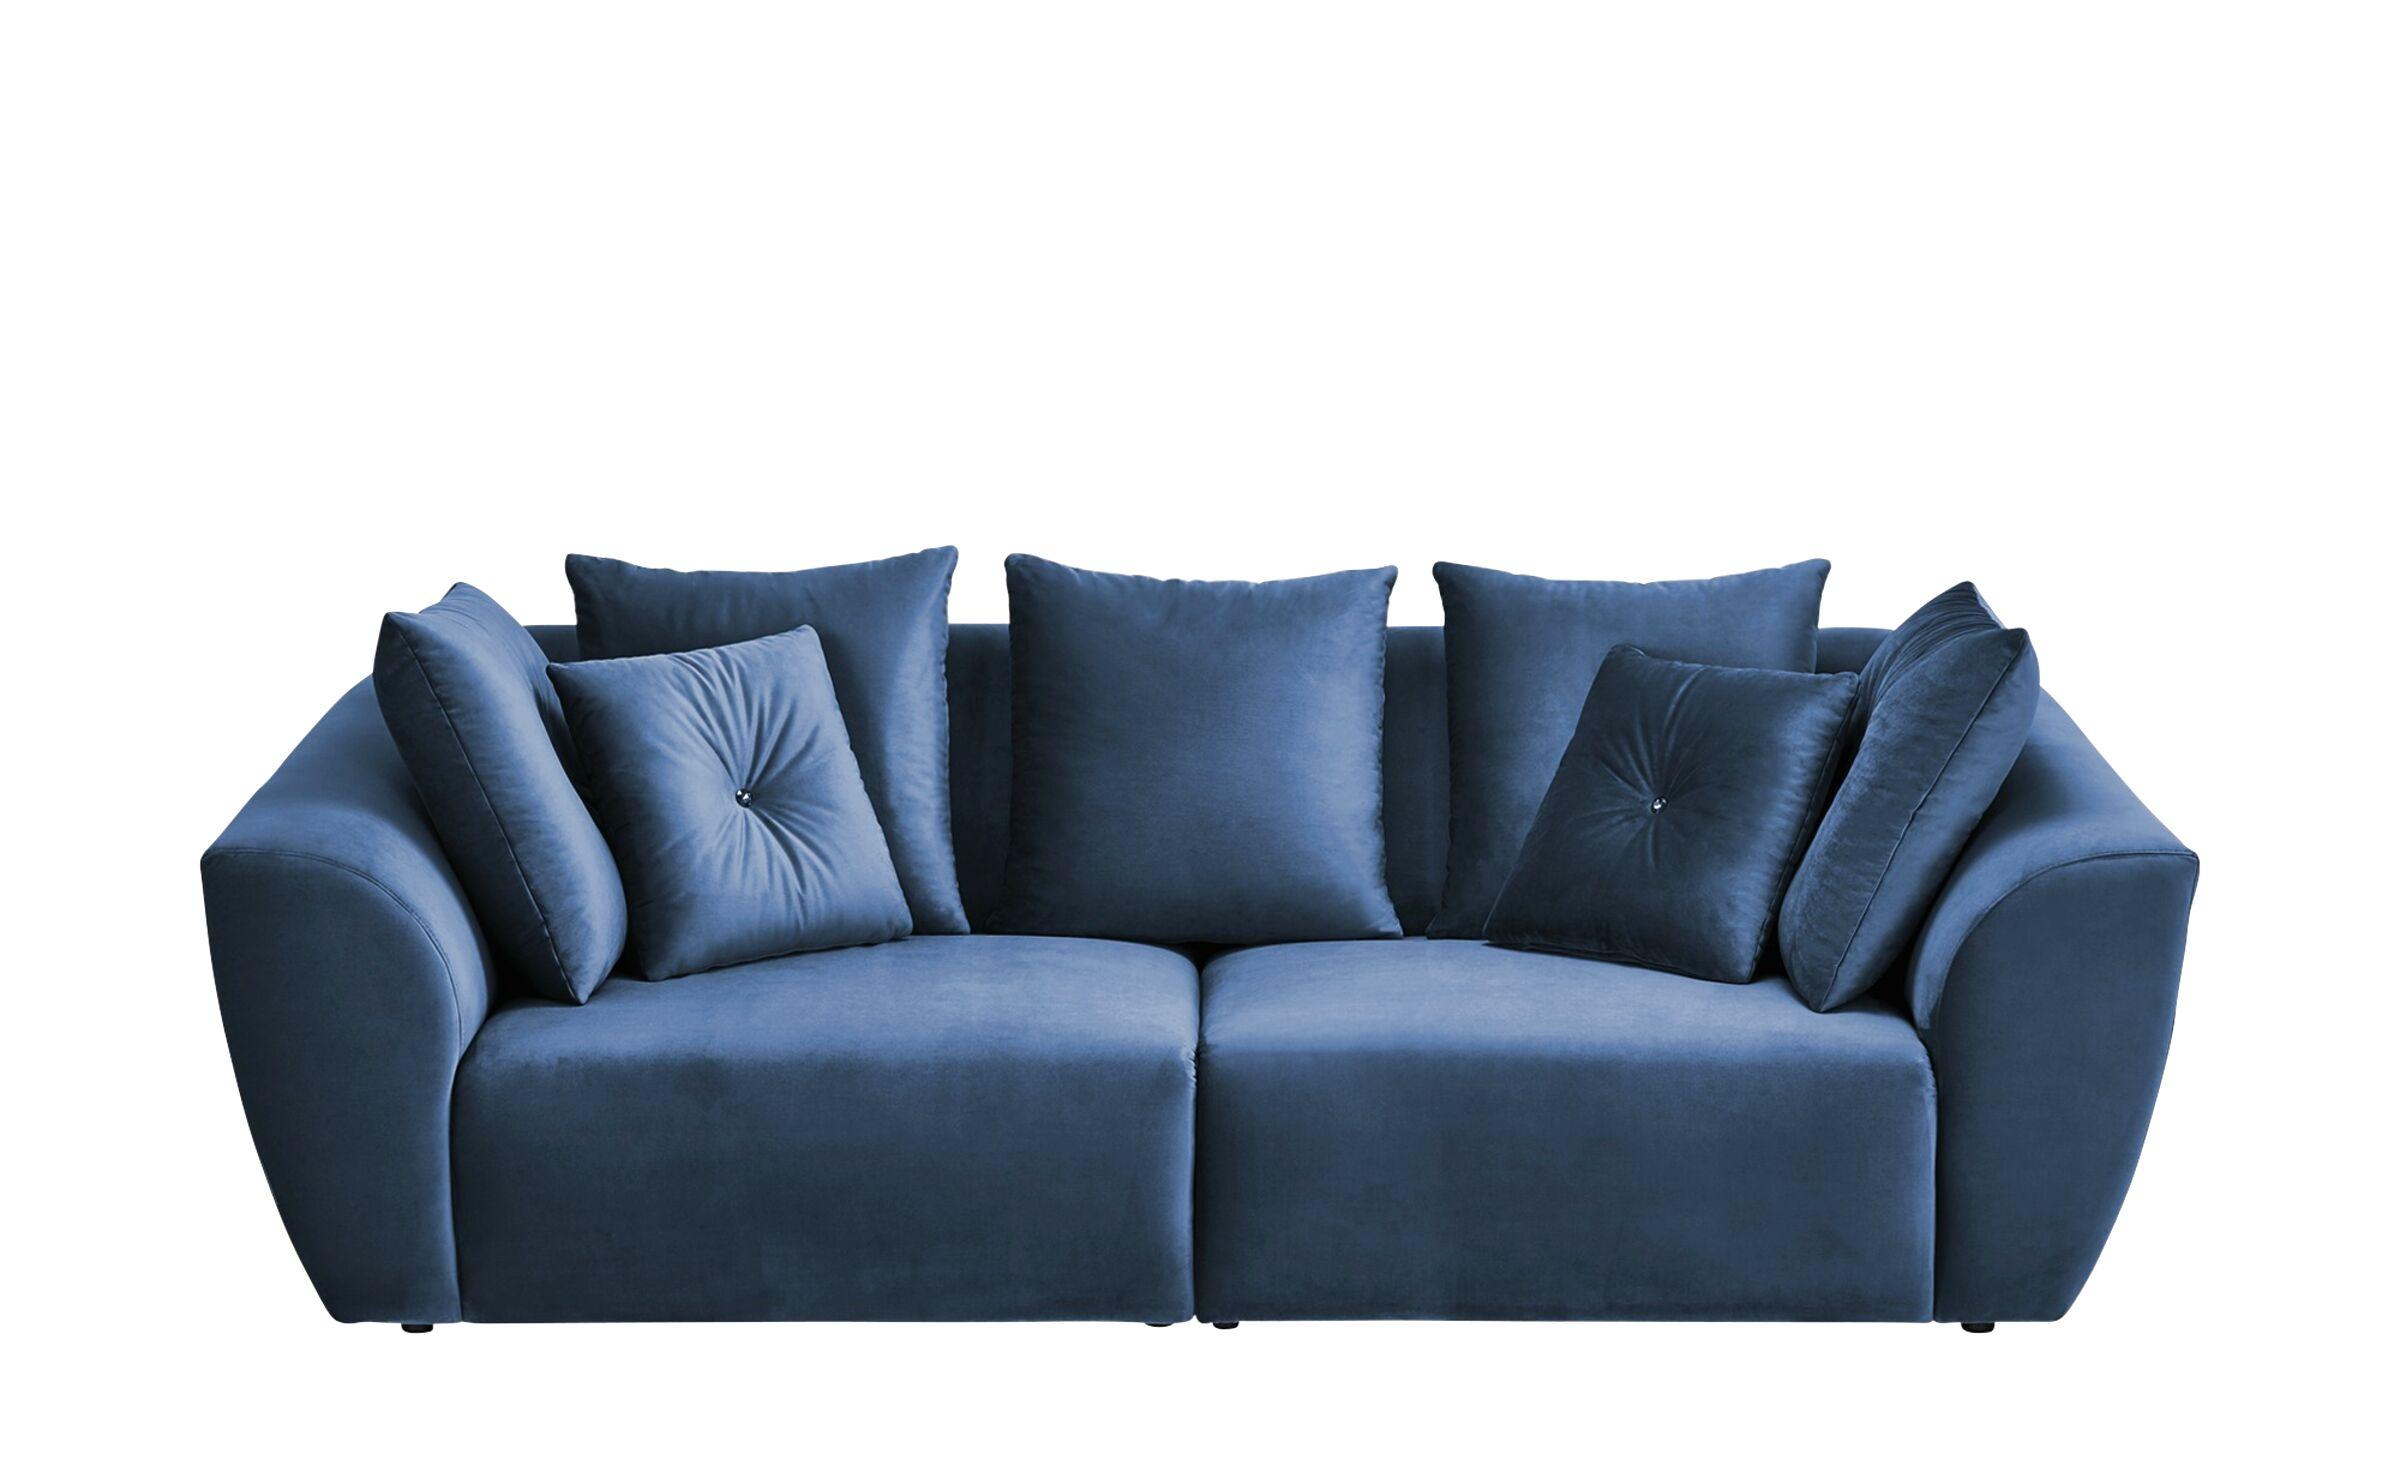 Big Sofa Blau gebraucht kaufen! Nur 4 St. bis -75% günstiger